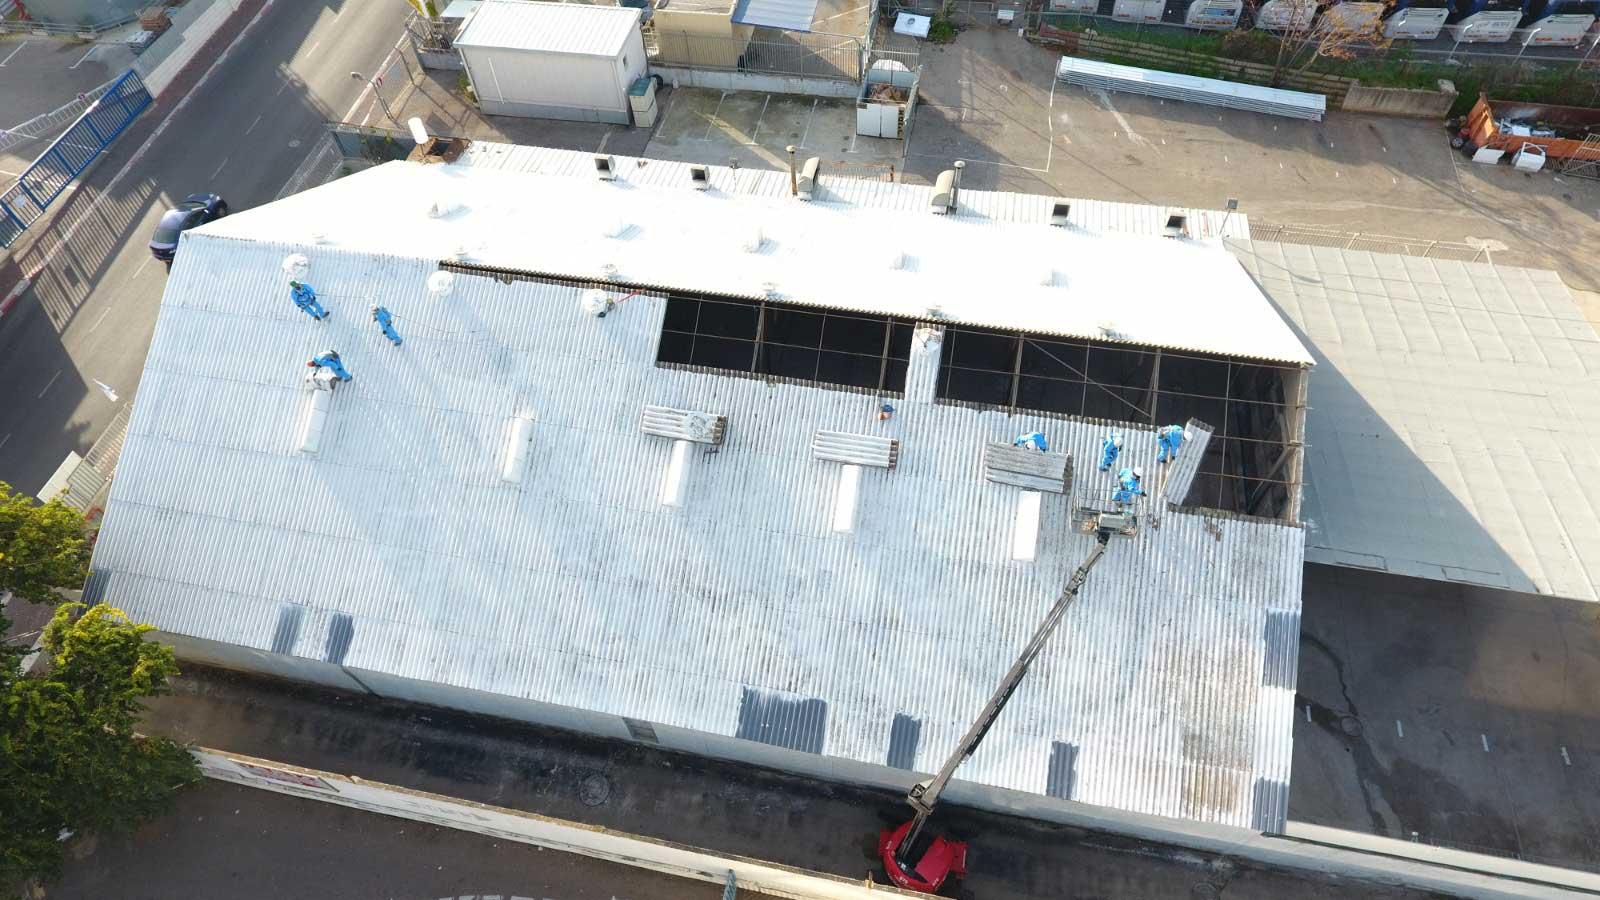 מאיר חברה למכונות ומשאיות בעמ החלפת גג אסבסט לאיסכורית 1100 מר